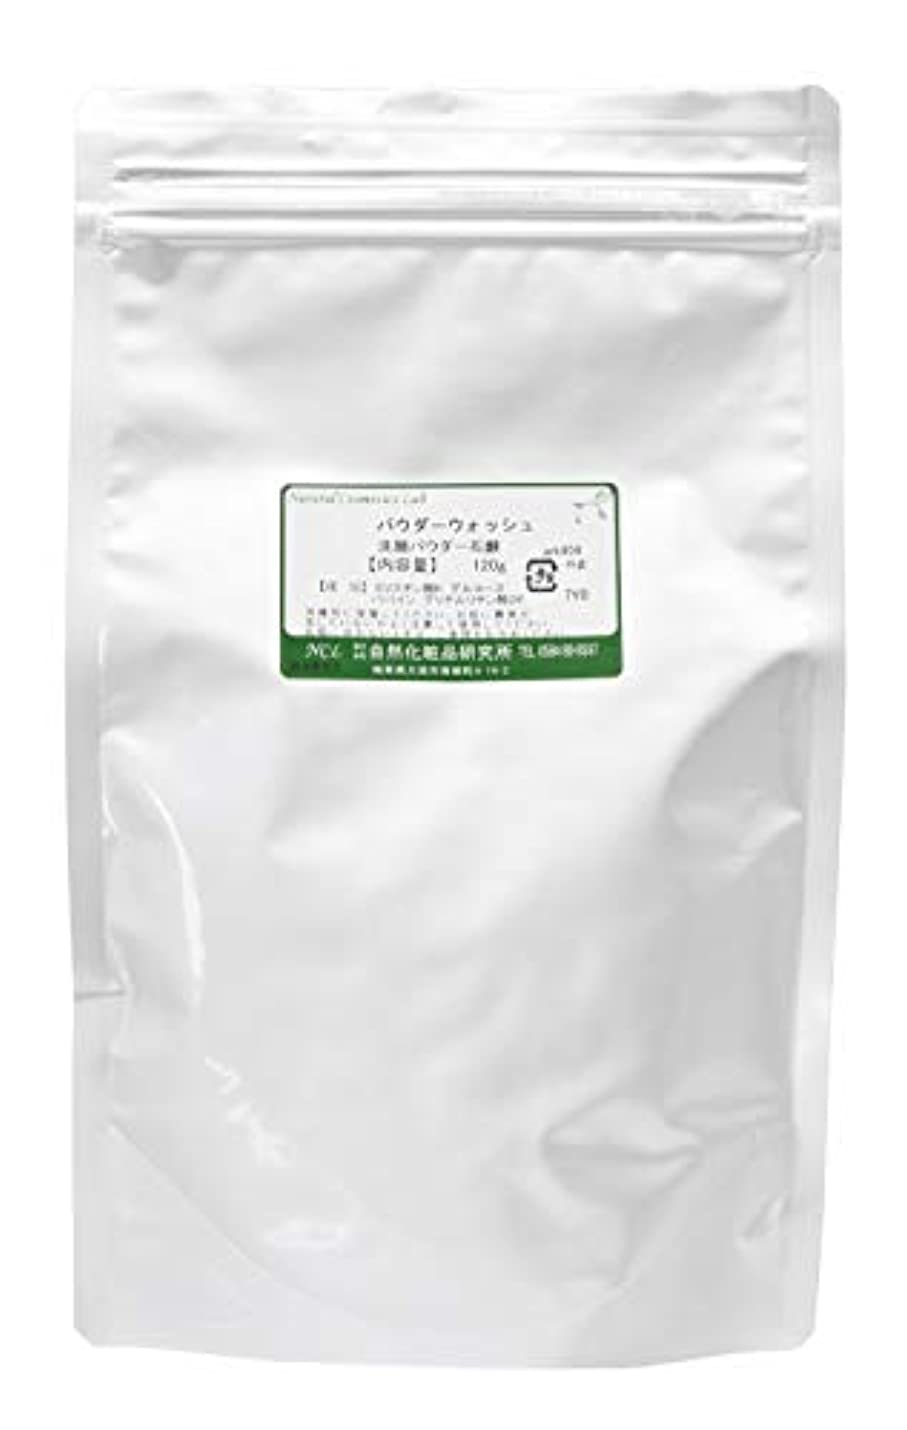 ランデブー爆発物現在自然化粧品研究所 ベイシック パウダーウォッシュ 120g 詰め替え用 パパイン酵素 甘草入り 植物由来